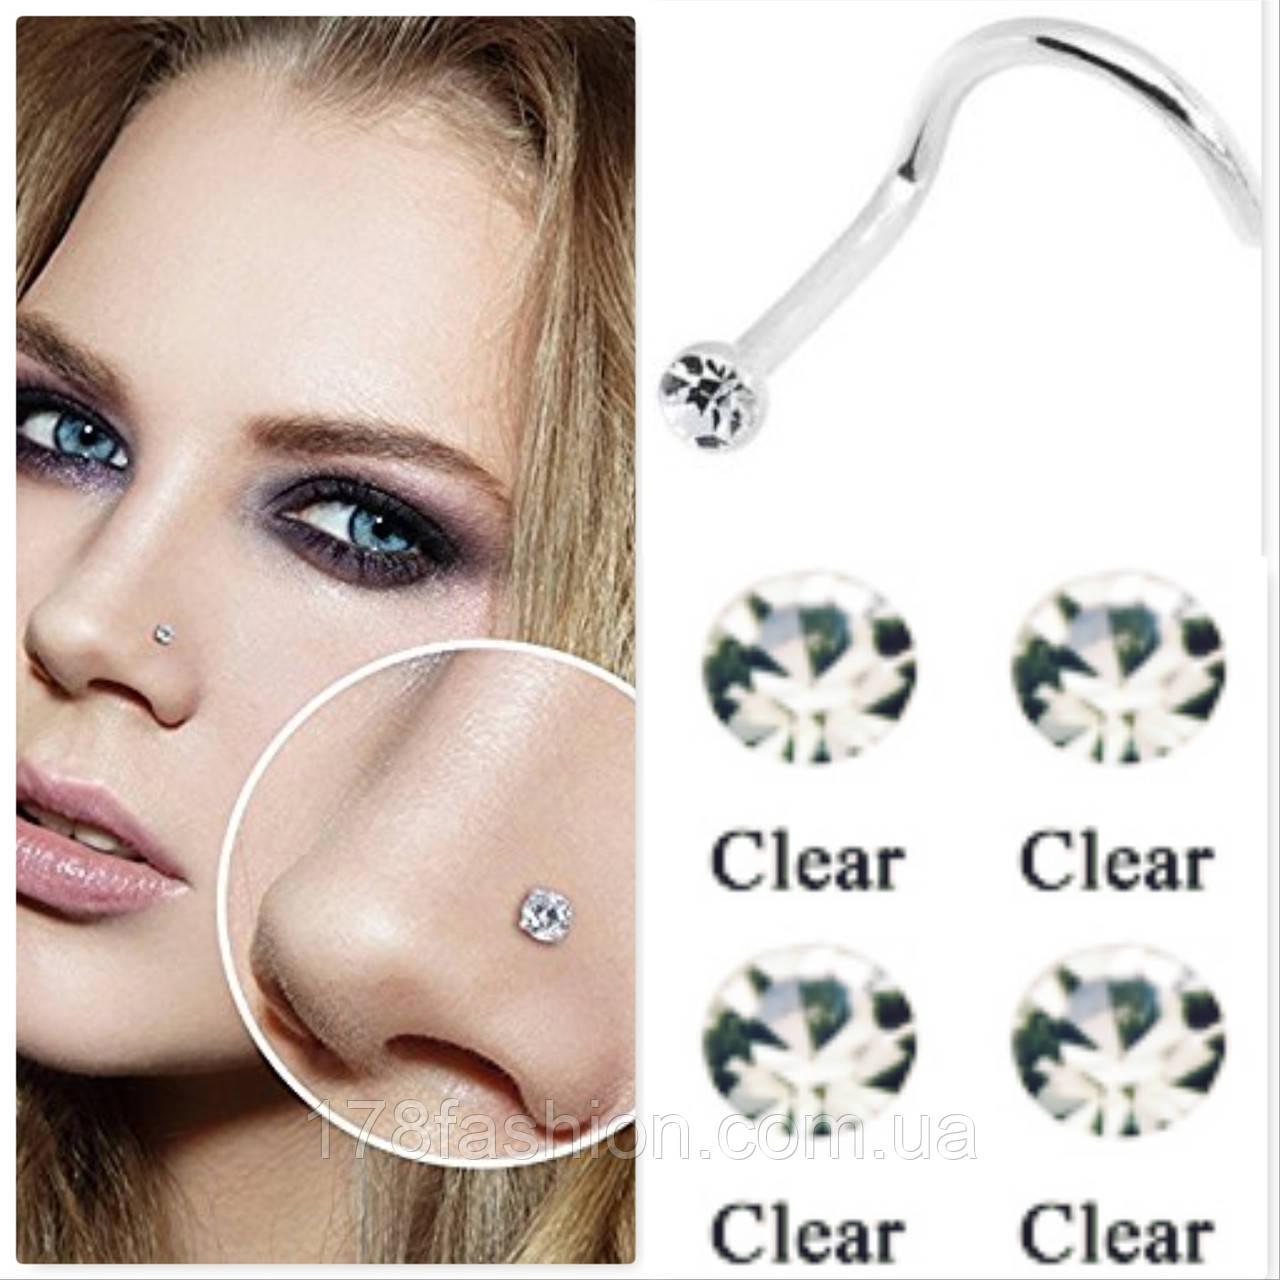 Серьга для пирсинга носа, прозрачный камень